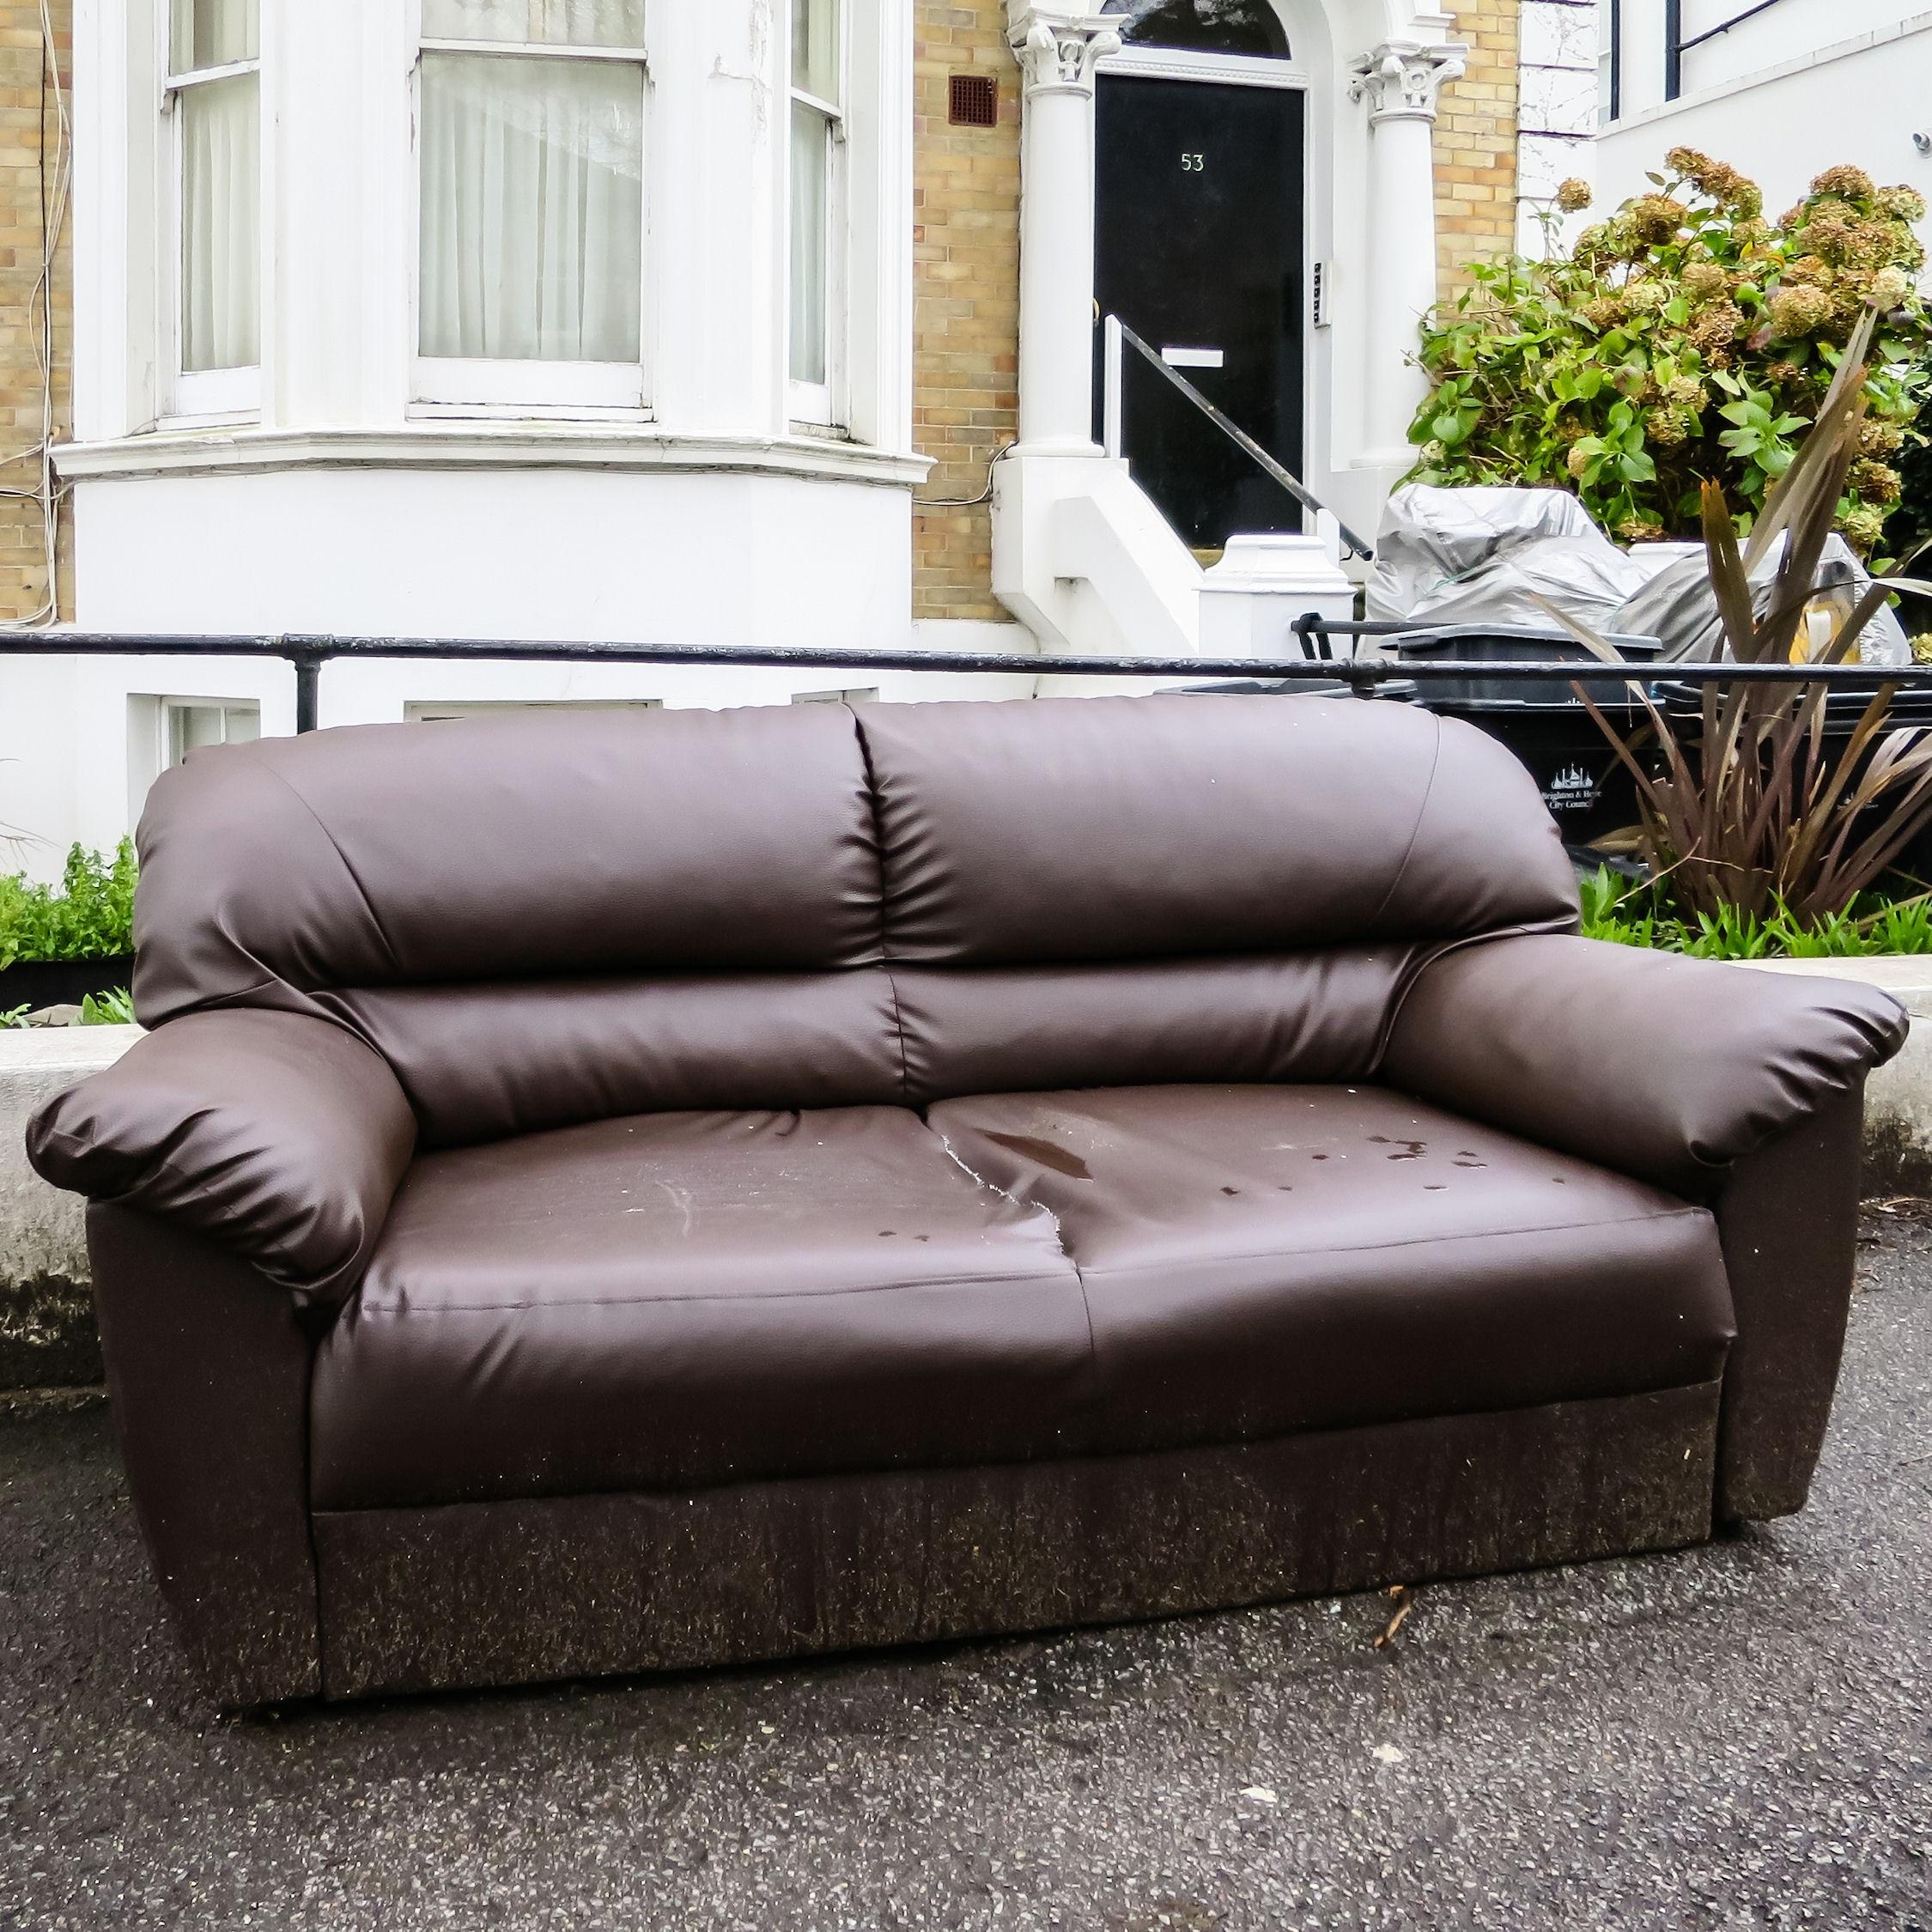 как почистить диван из кожи